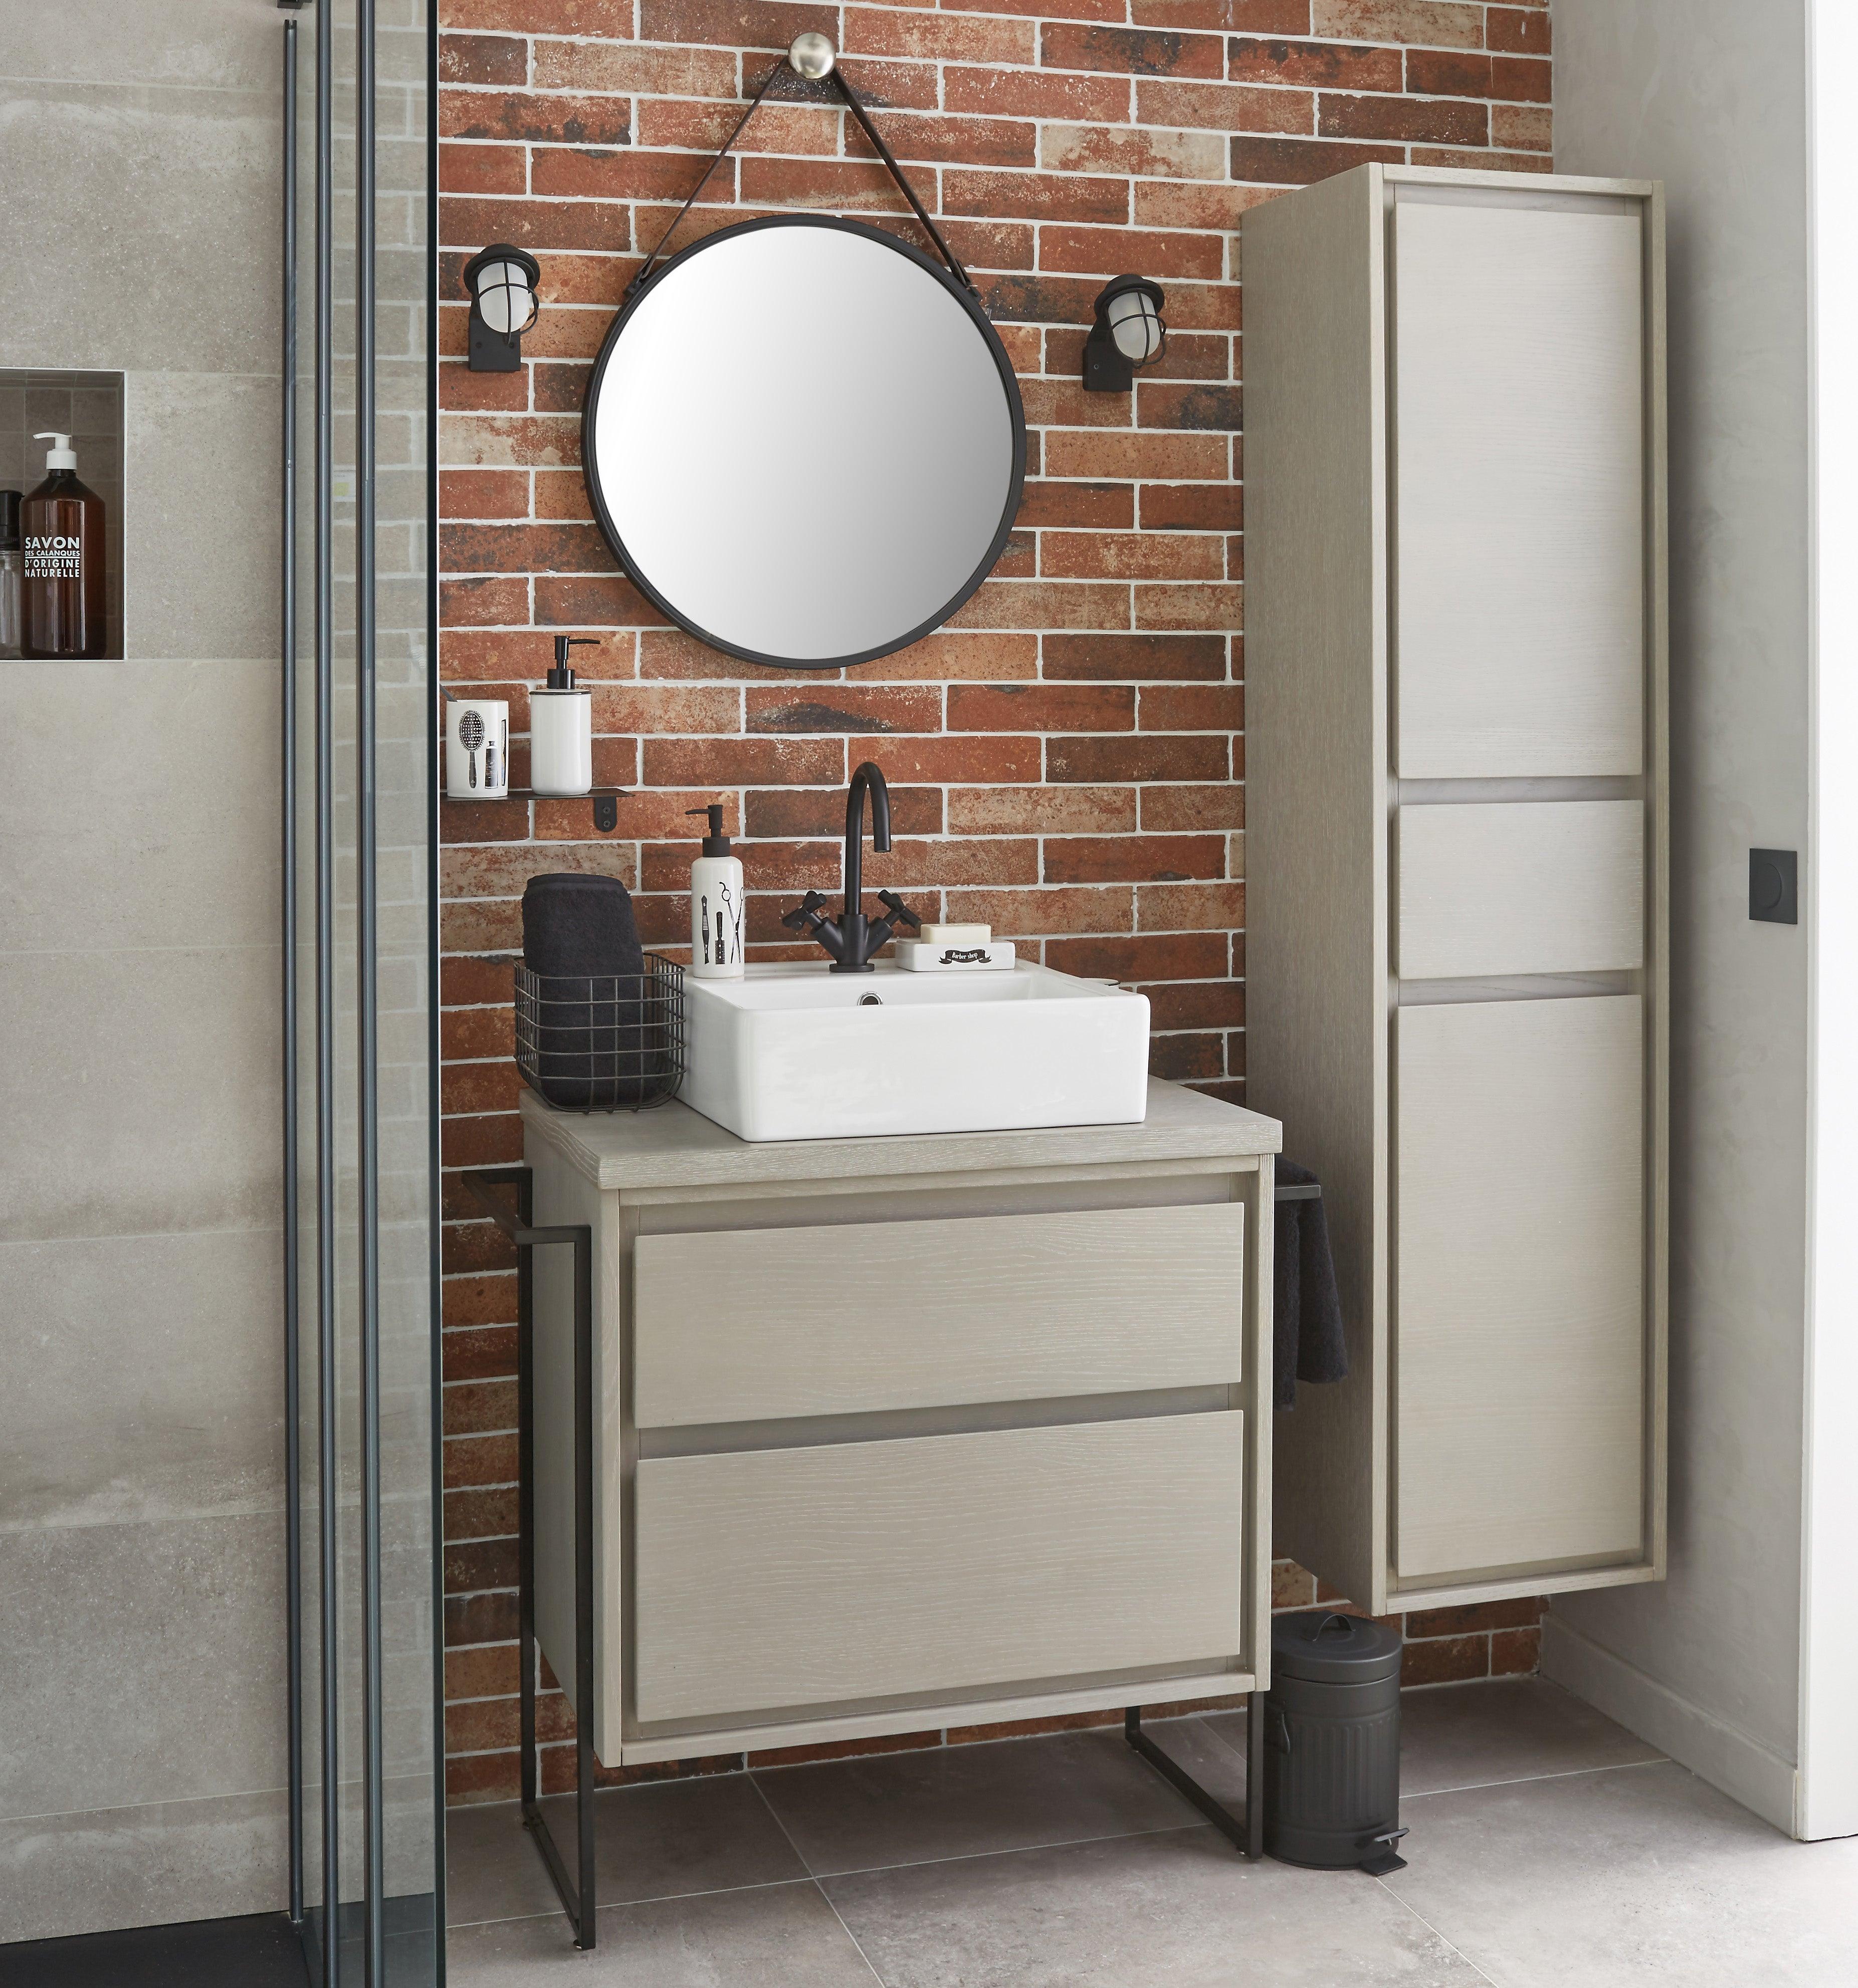 Meuble de salle de bains l.15 x H.15 x P.15 cm, effet chêne grisé, Nordic